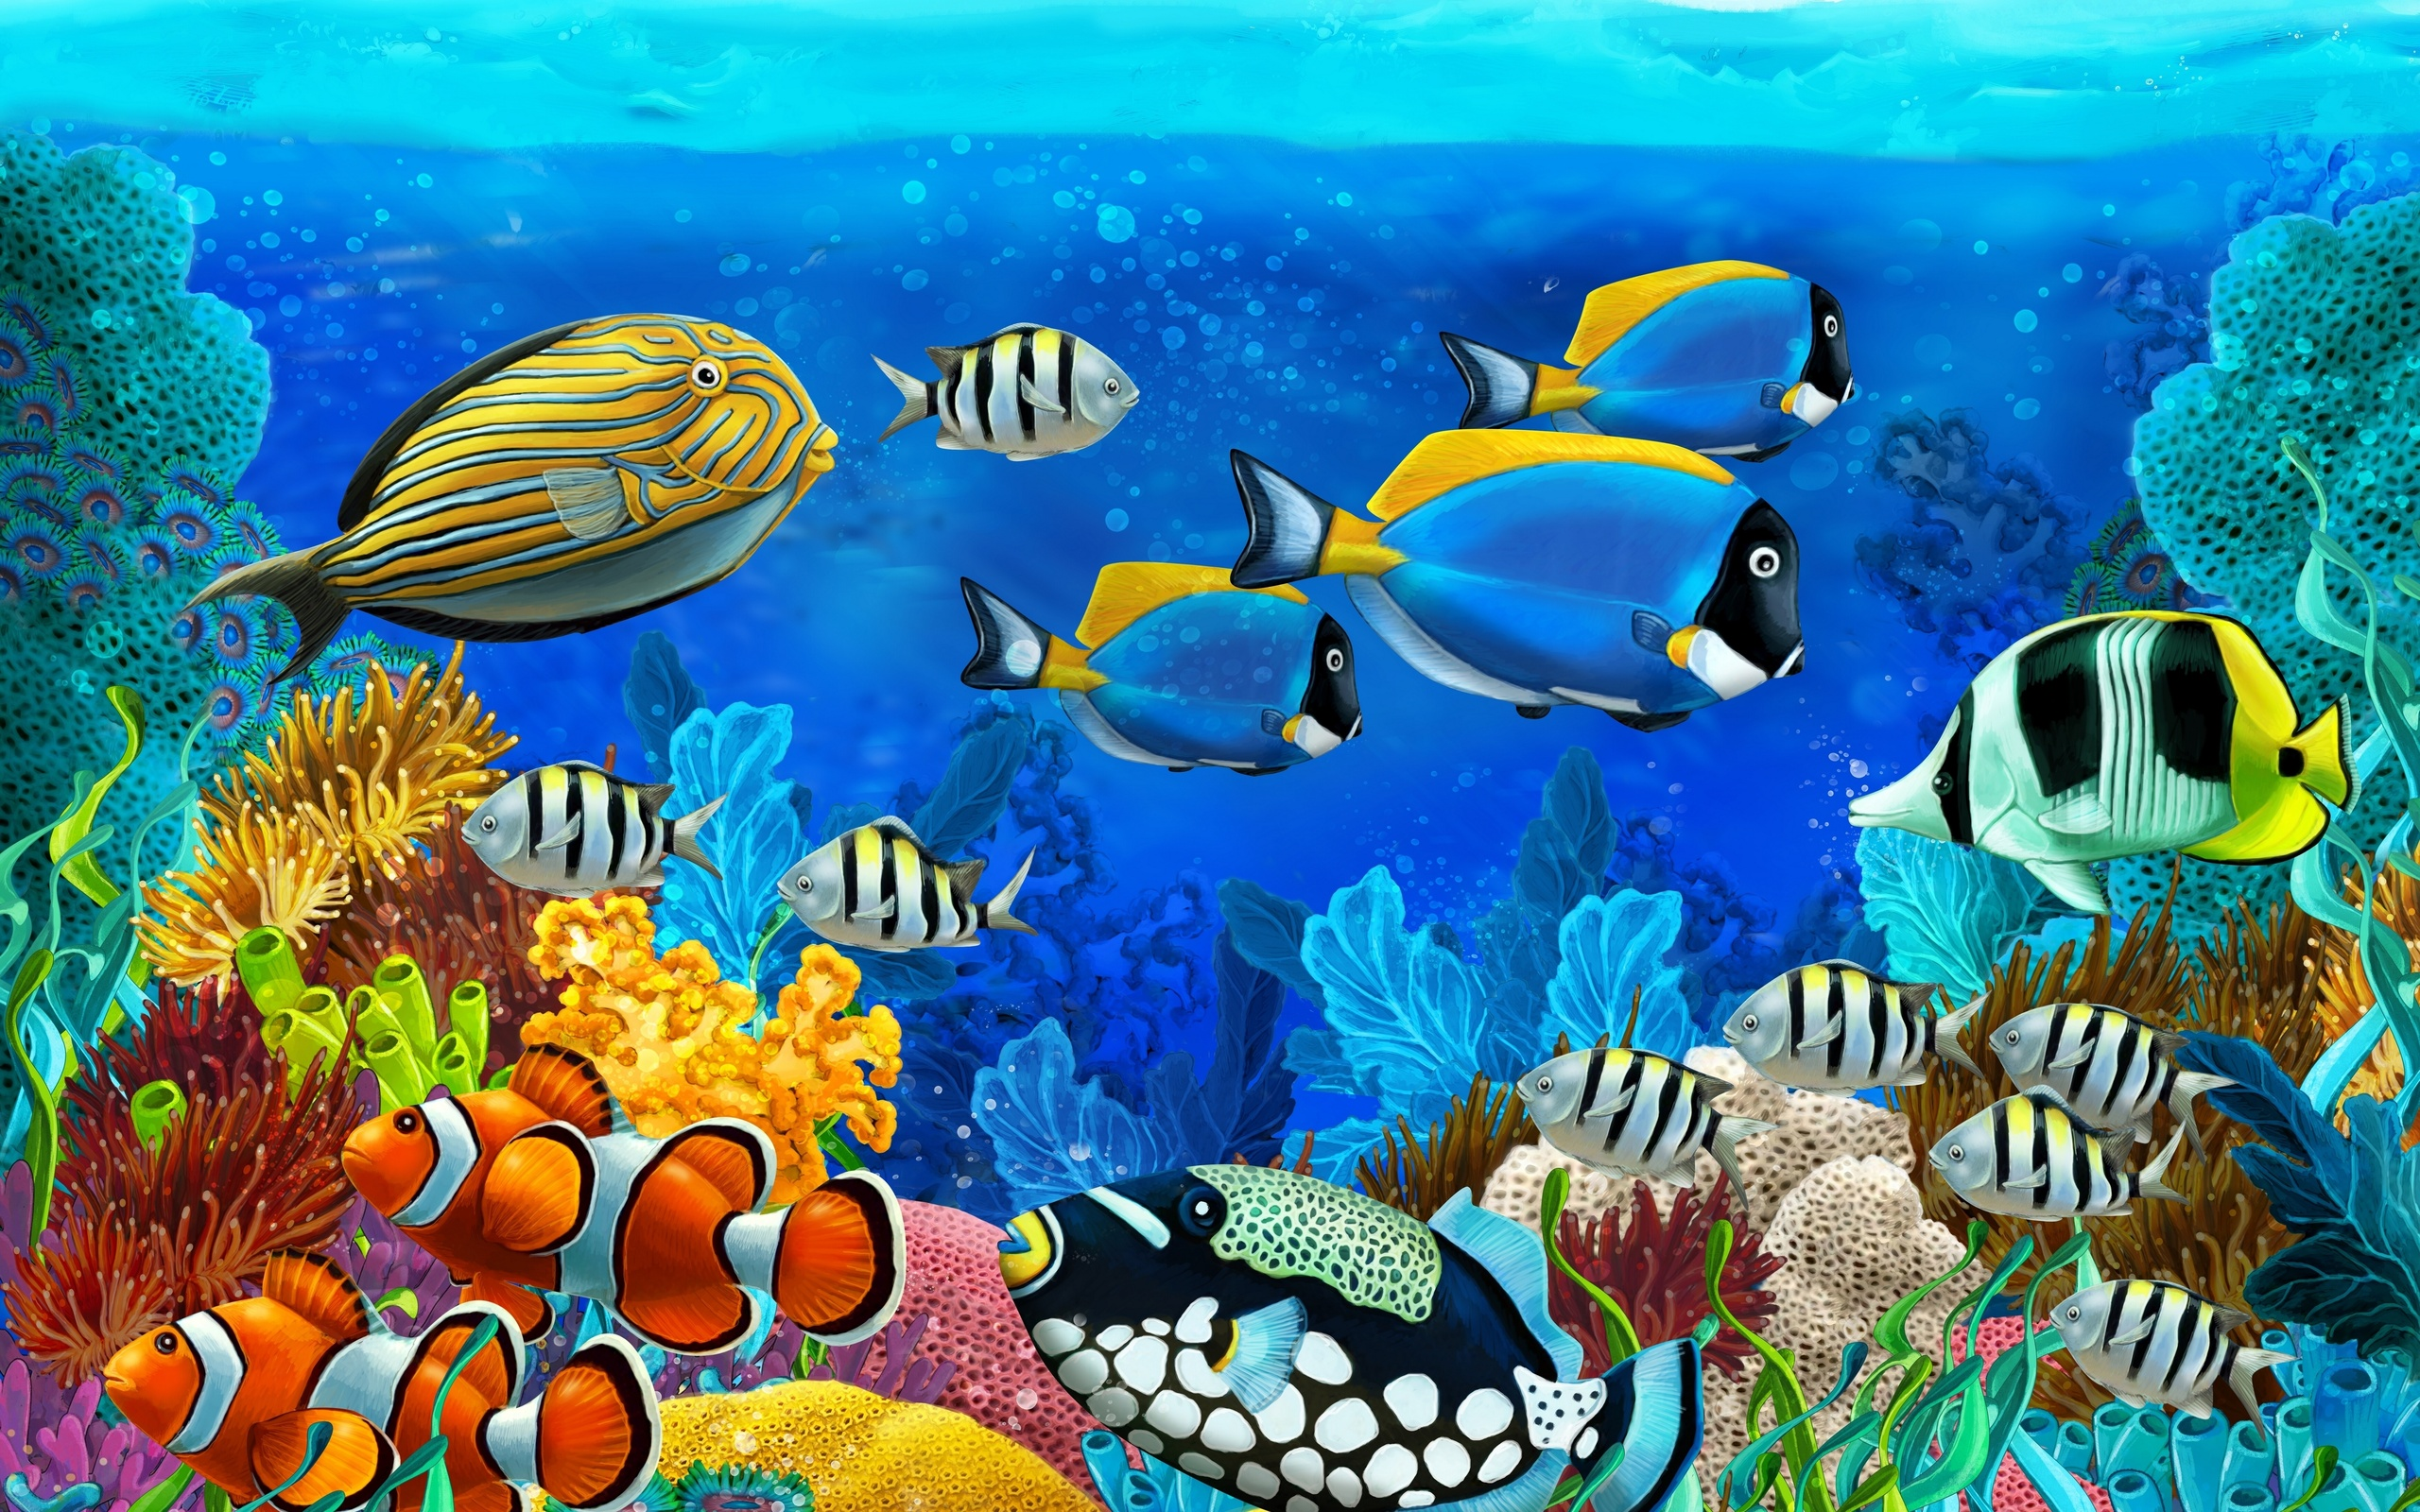 Морские рыбки: обои и картинки на рабочий стол, скачать бесплатно.